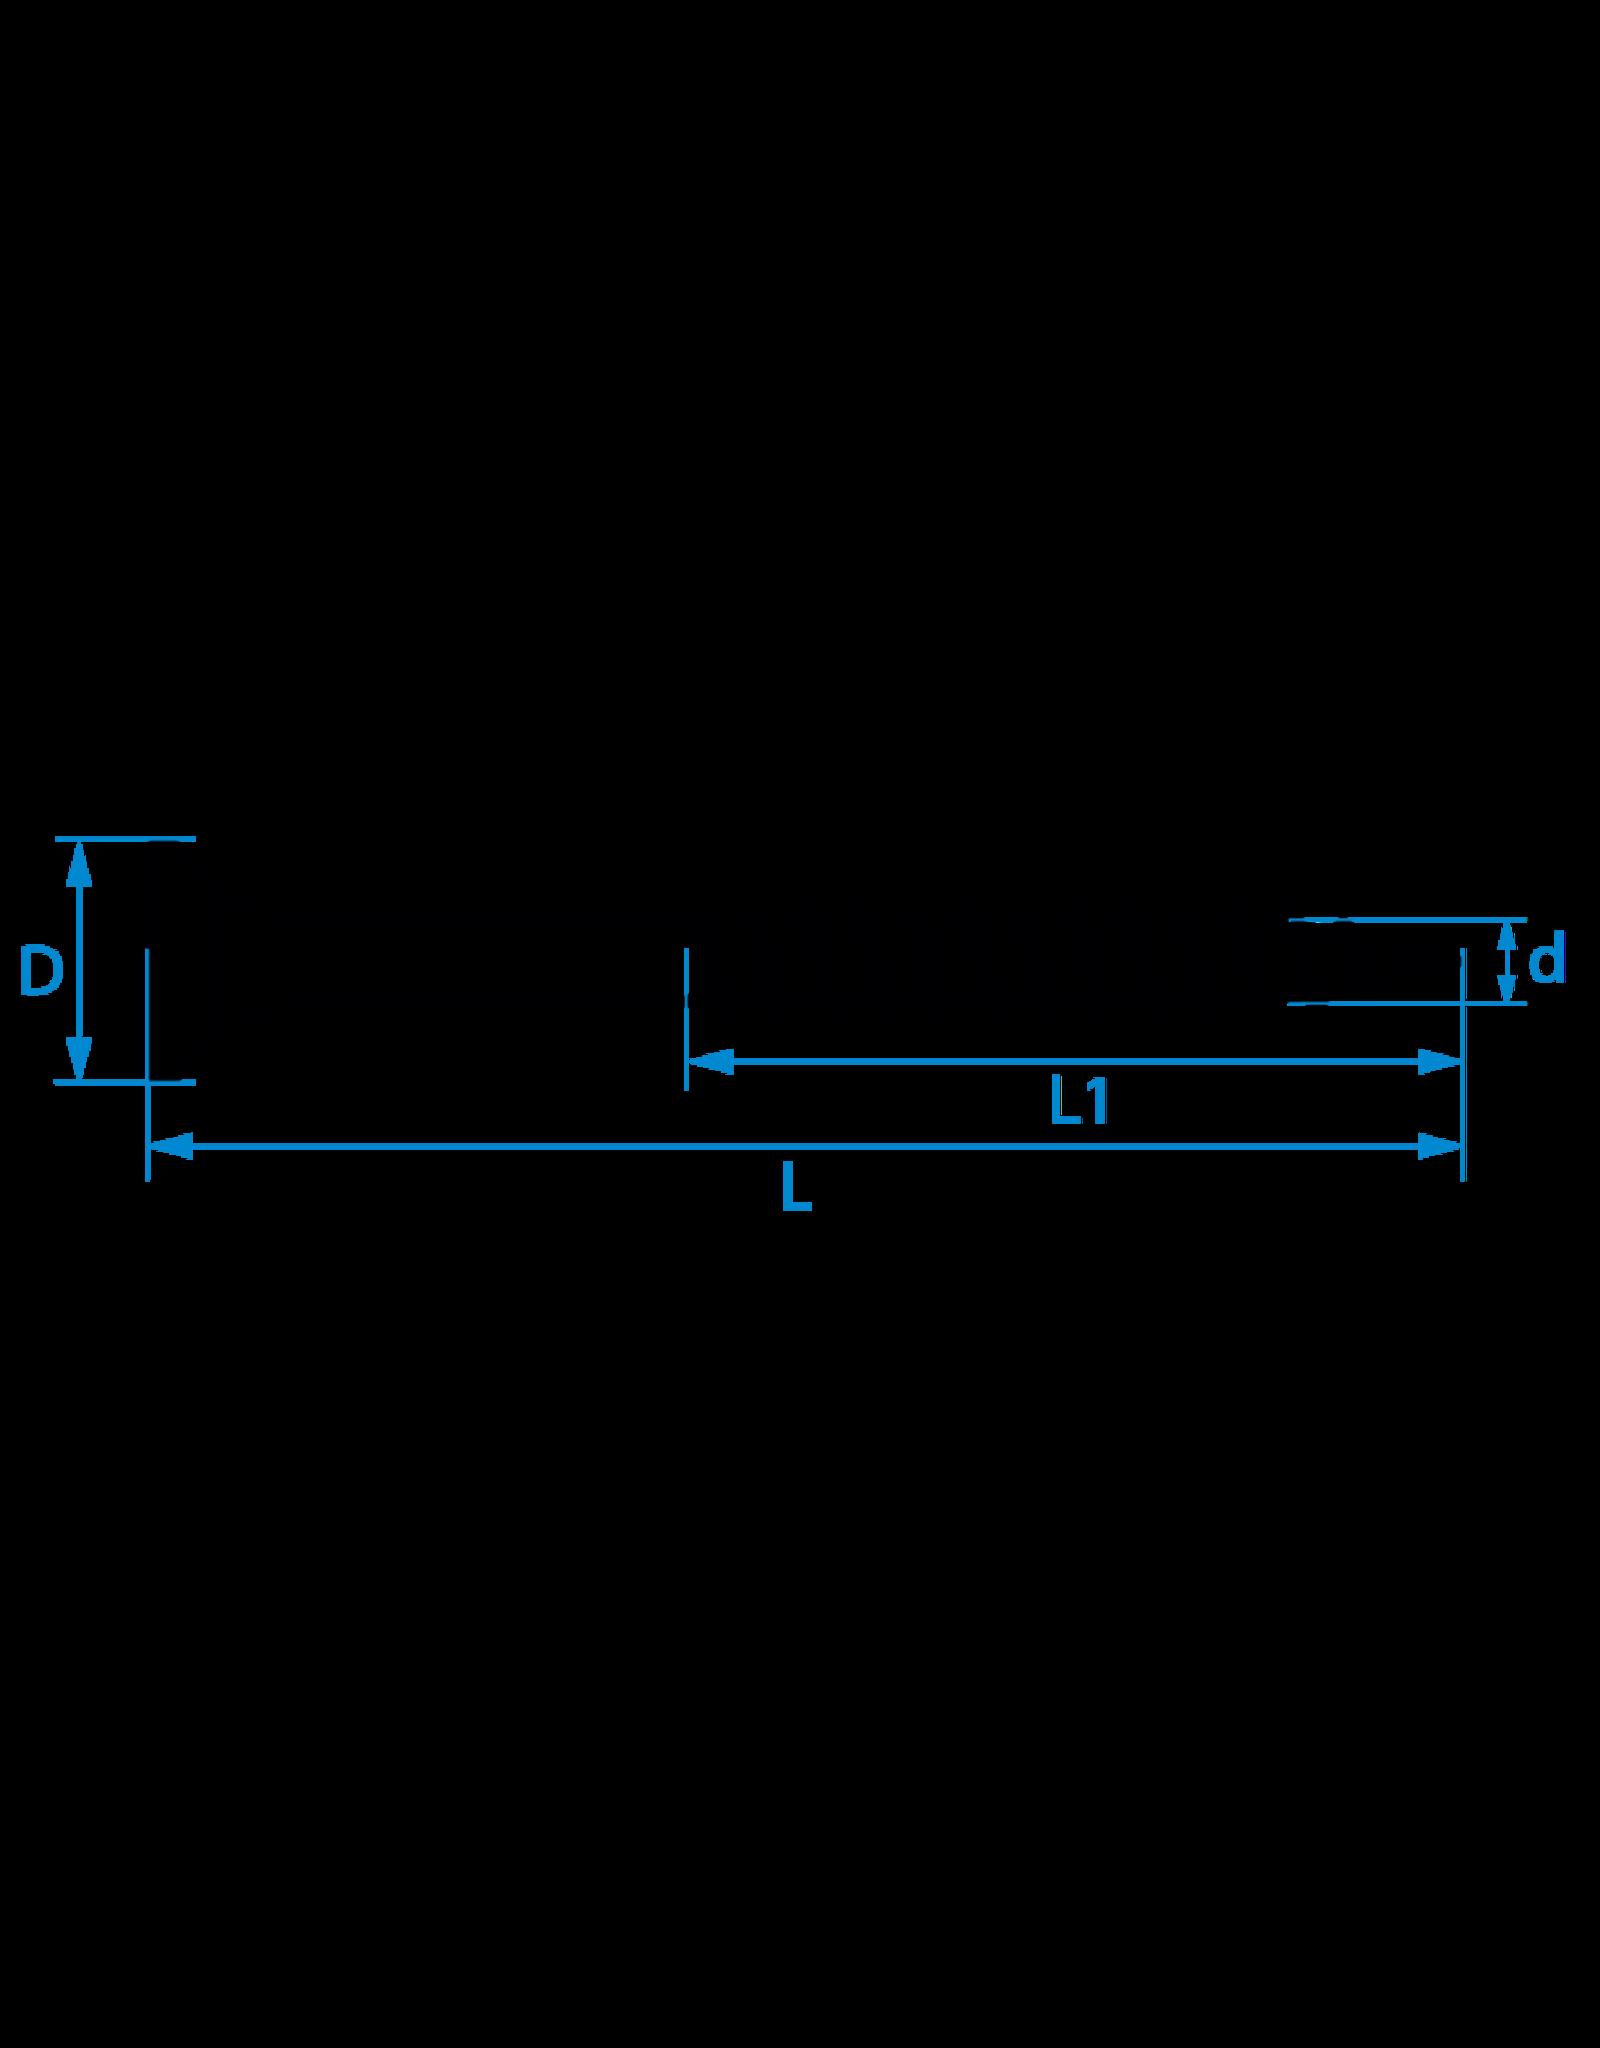 Spaanplaatschroeven platkop 6.0x40 TX-25 staal gehard verzinkt per 200 stuks